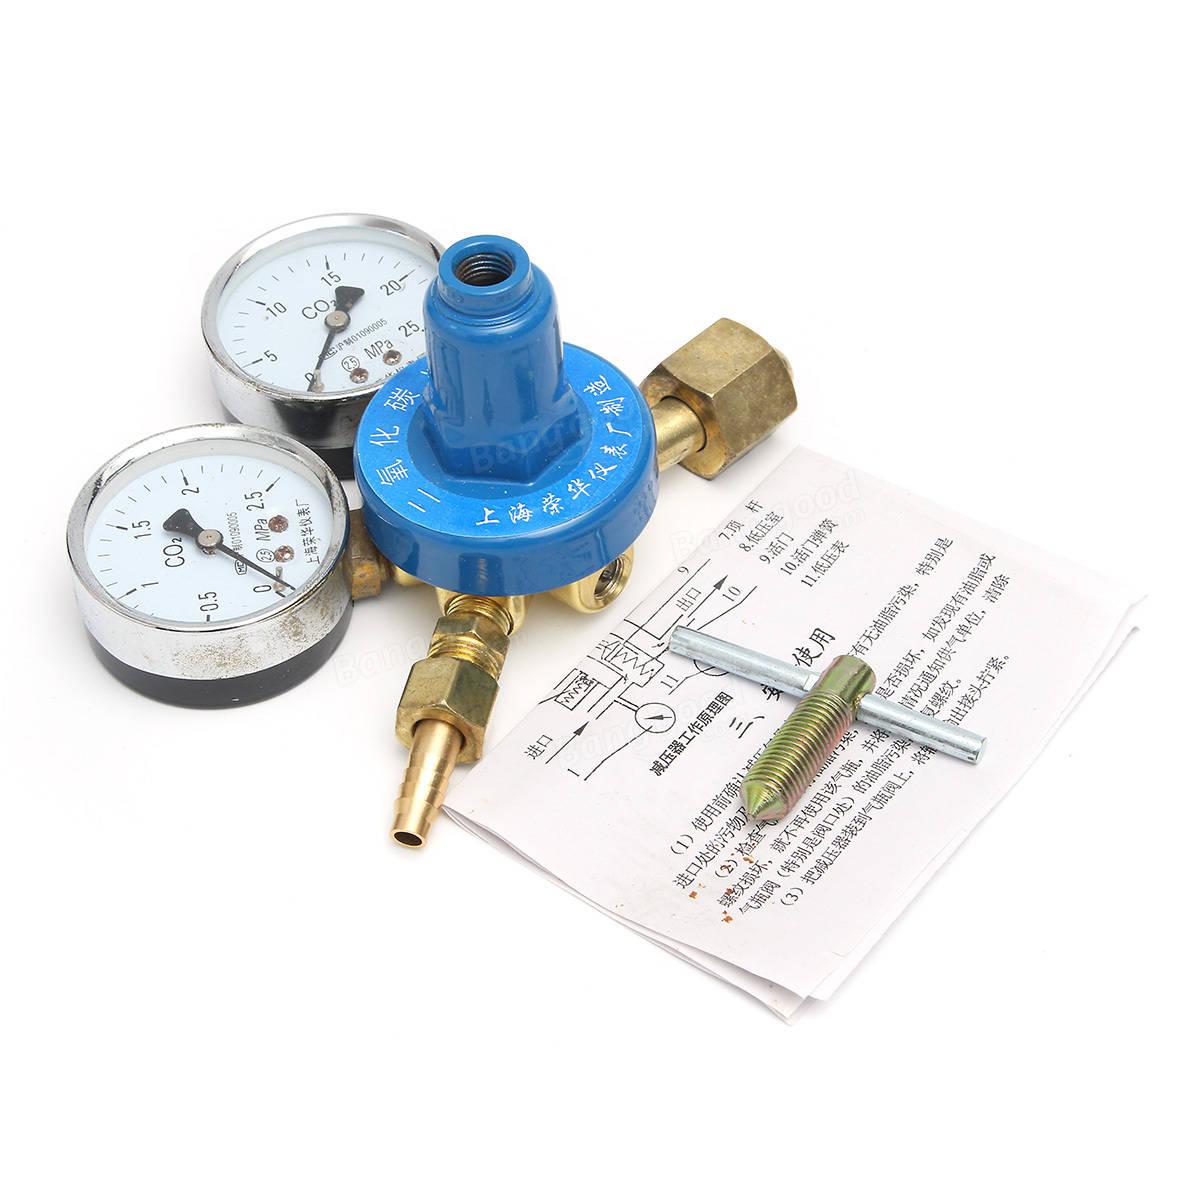 g5 8 co2 mig welding regulator pressure reducing valve for pub gas bottles sale. Black Bedroom Furniture Sets. Home Design Ideas